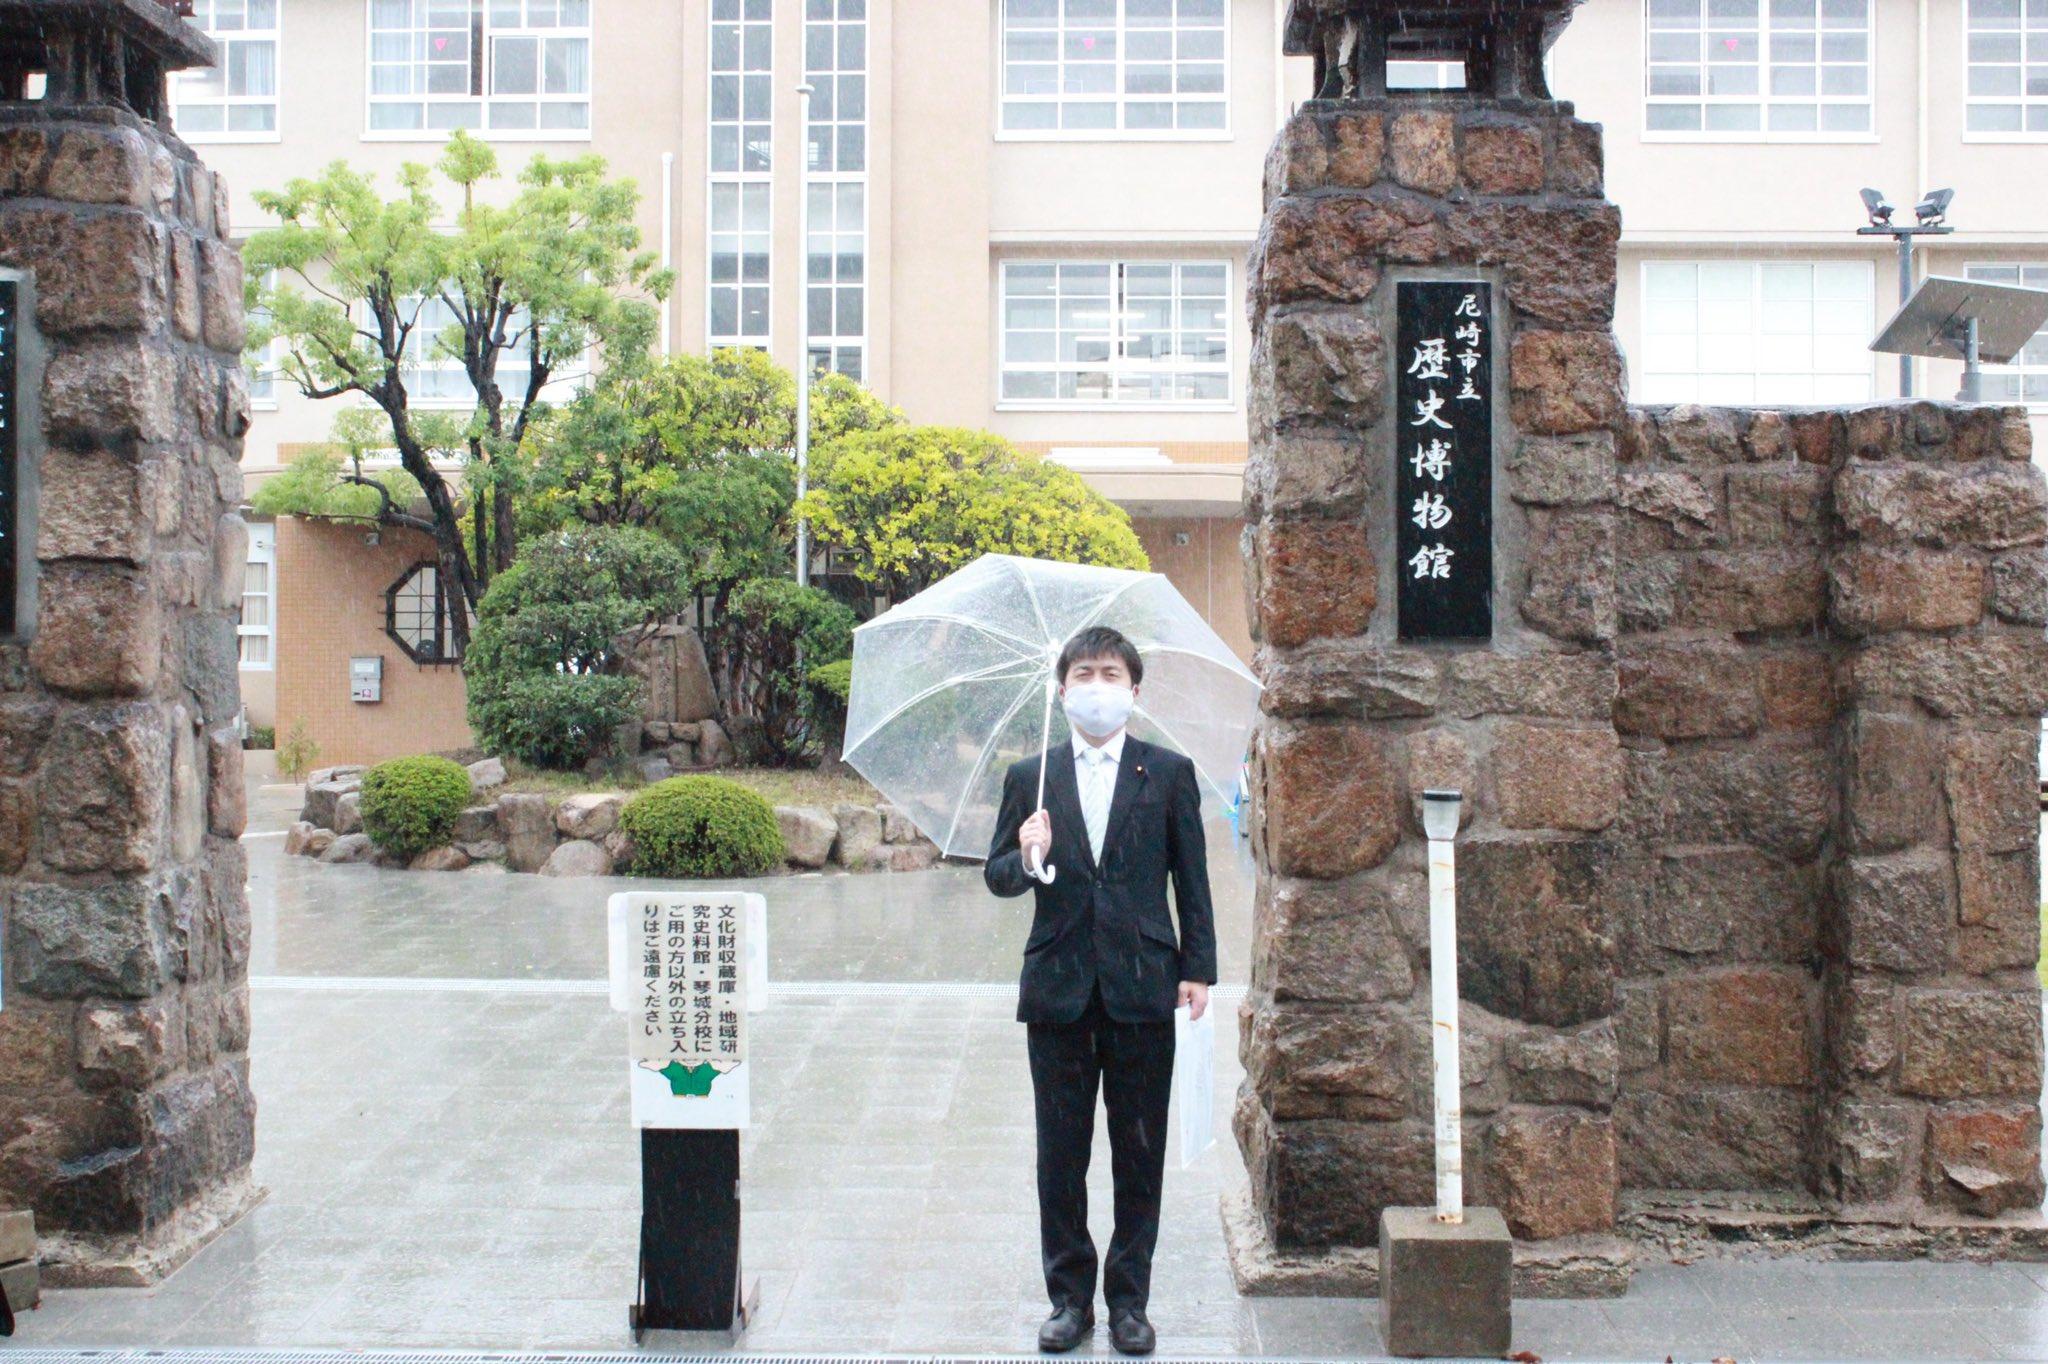 尼崎市歴史博物館がオープン